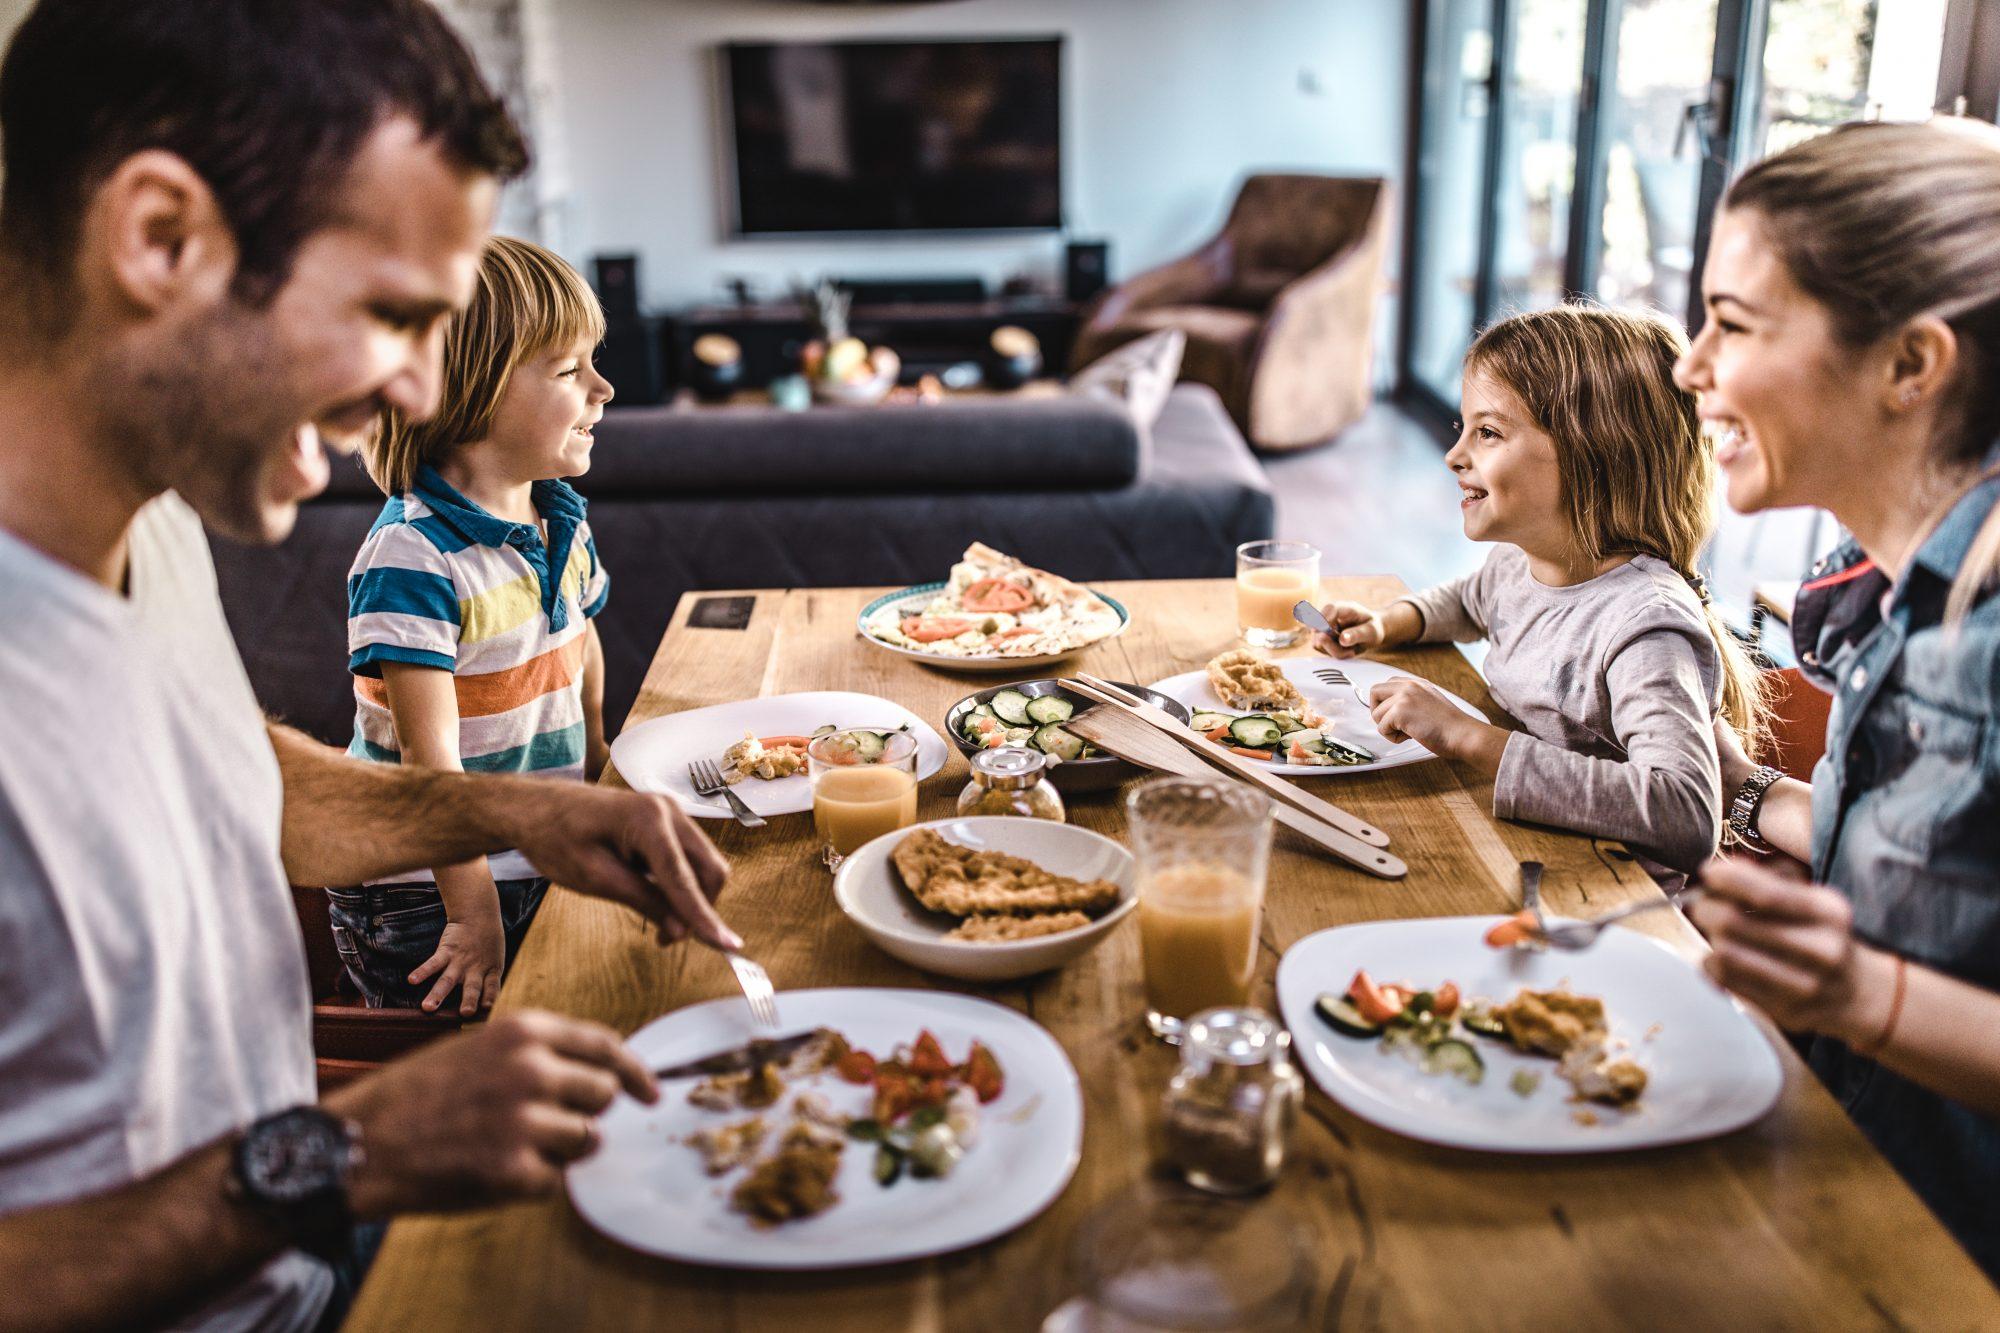 042120-Family Dinner